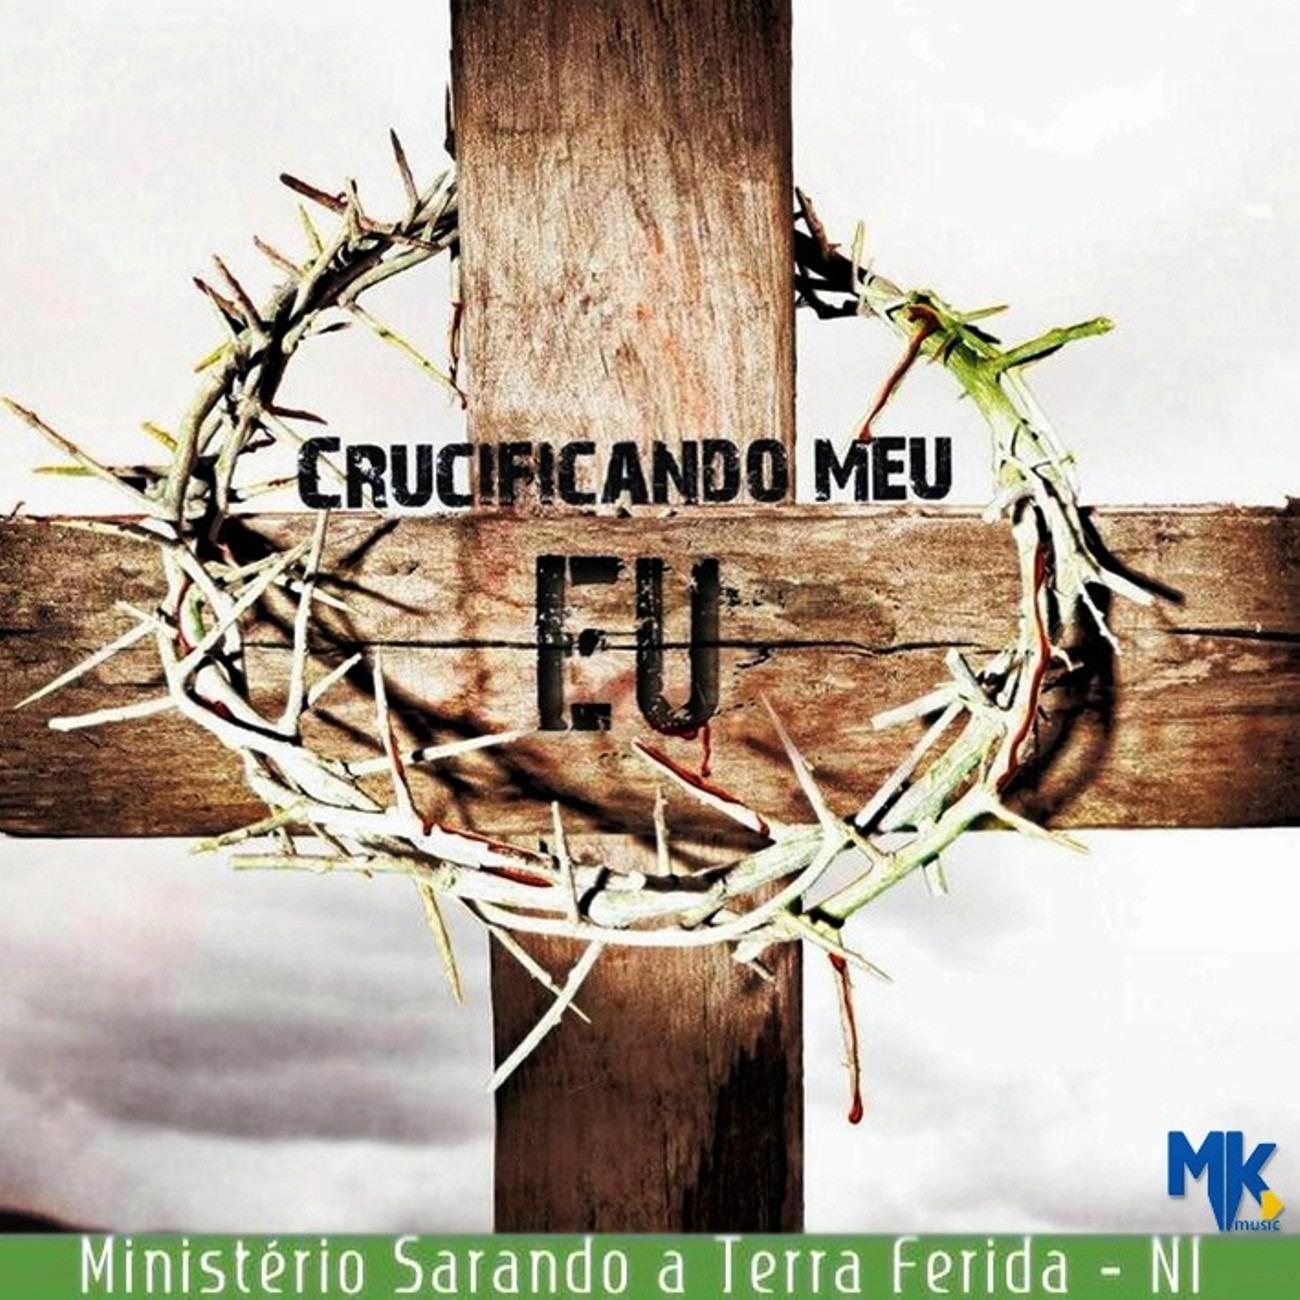 Baixar CD Ministerio+Sarando+A+Terra+Ferida+ +Crucificando+Meu+Eu+%2528Frente%2529 Ministério Sarando a Terra Ferida   Crucificando Meu Eu